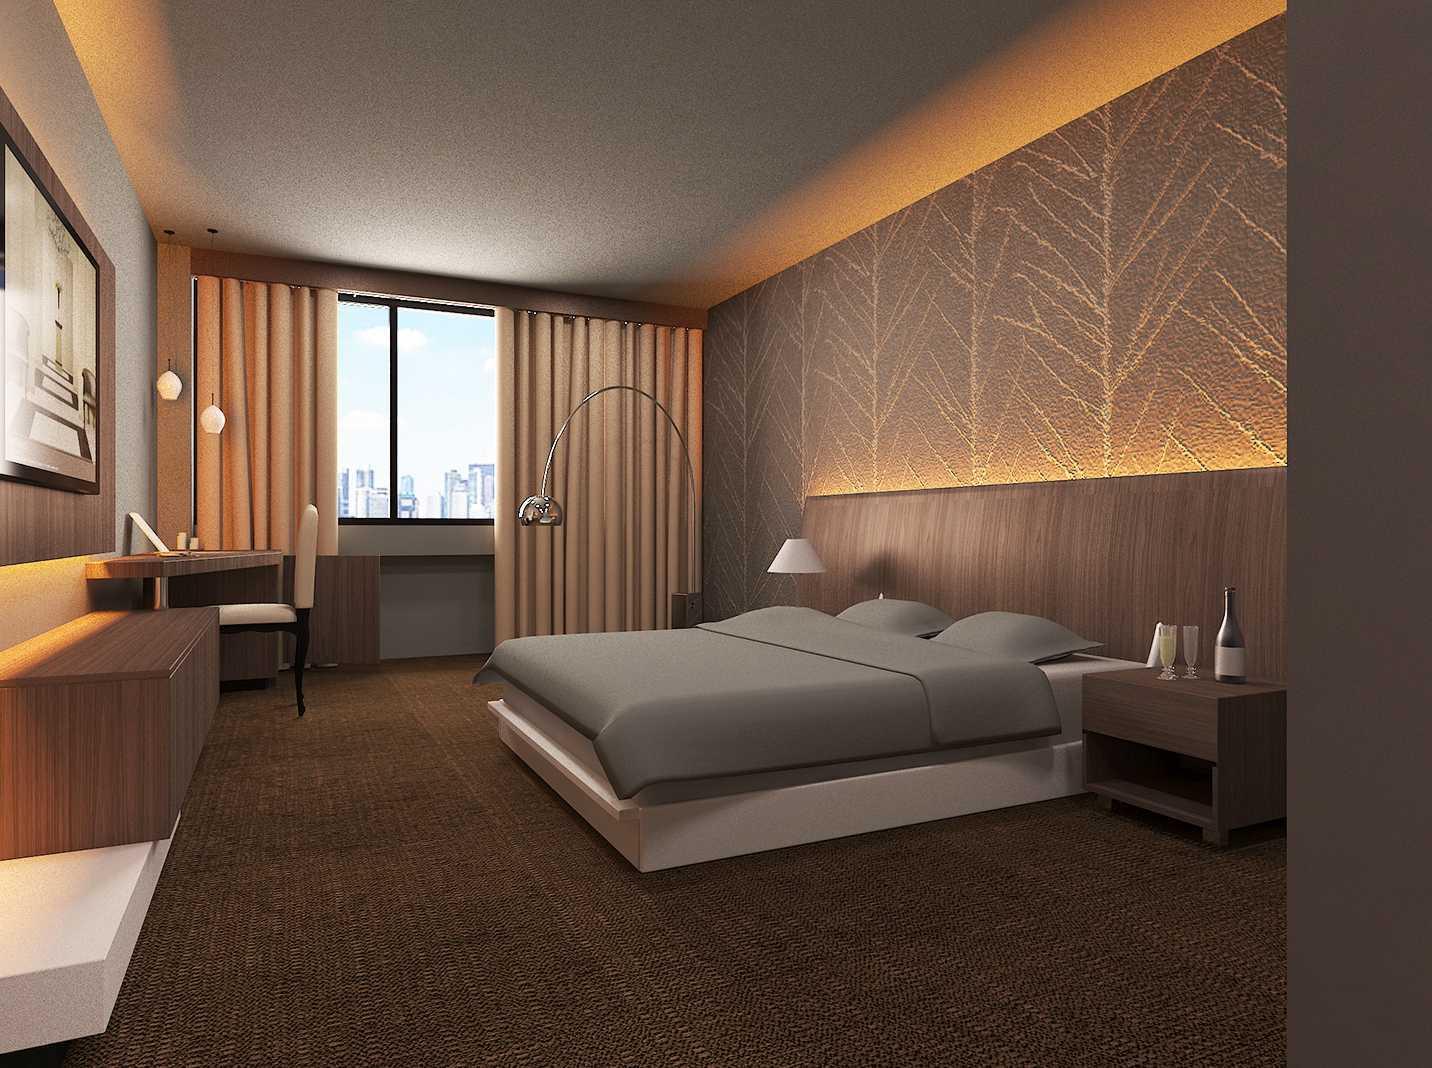 Snada Interior Desain Interior Unit Kamar Hotel Perth, Ausie Perth Australia Barat, Australia Perth Australia Barat, Australia Snada-Interior-Desain-Interior-Unit-Kamar-Hotel-Perth-Ausie  101689